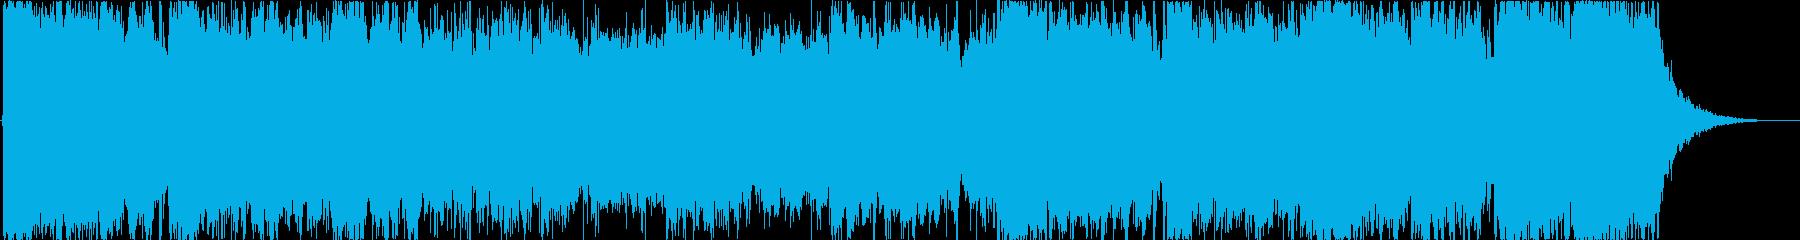 栄光を称えるファンファーレの再生済みの波形